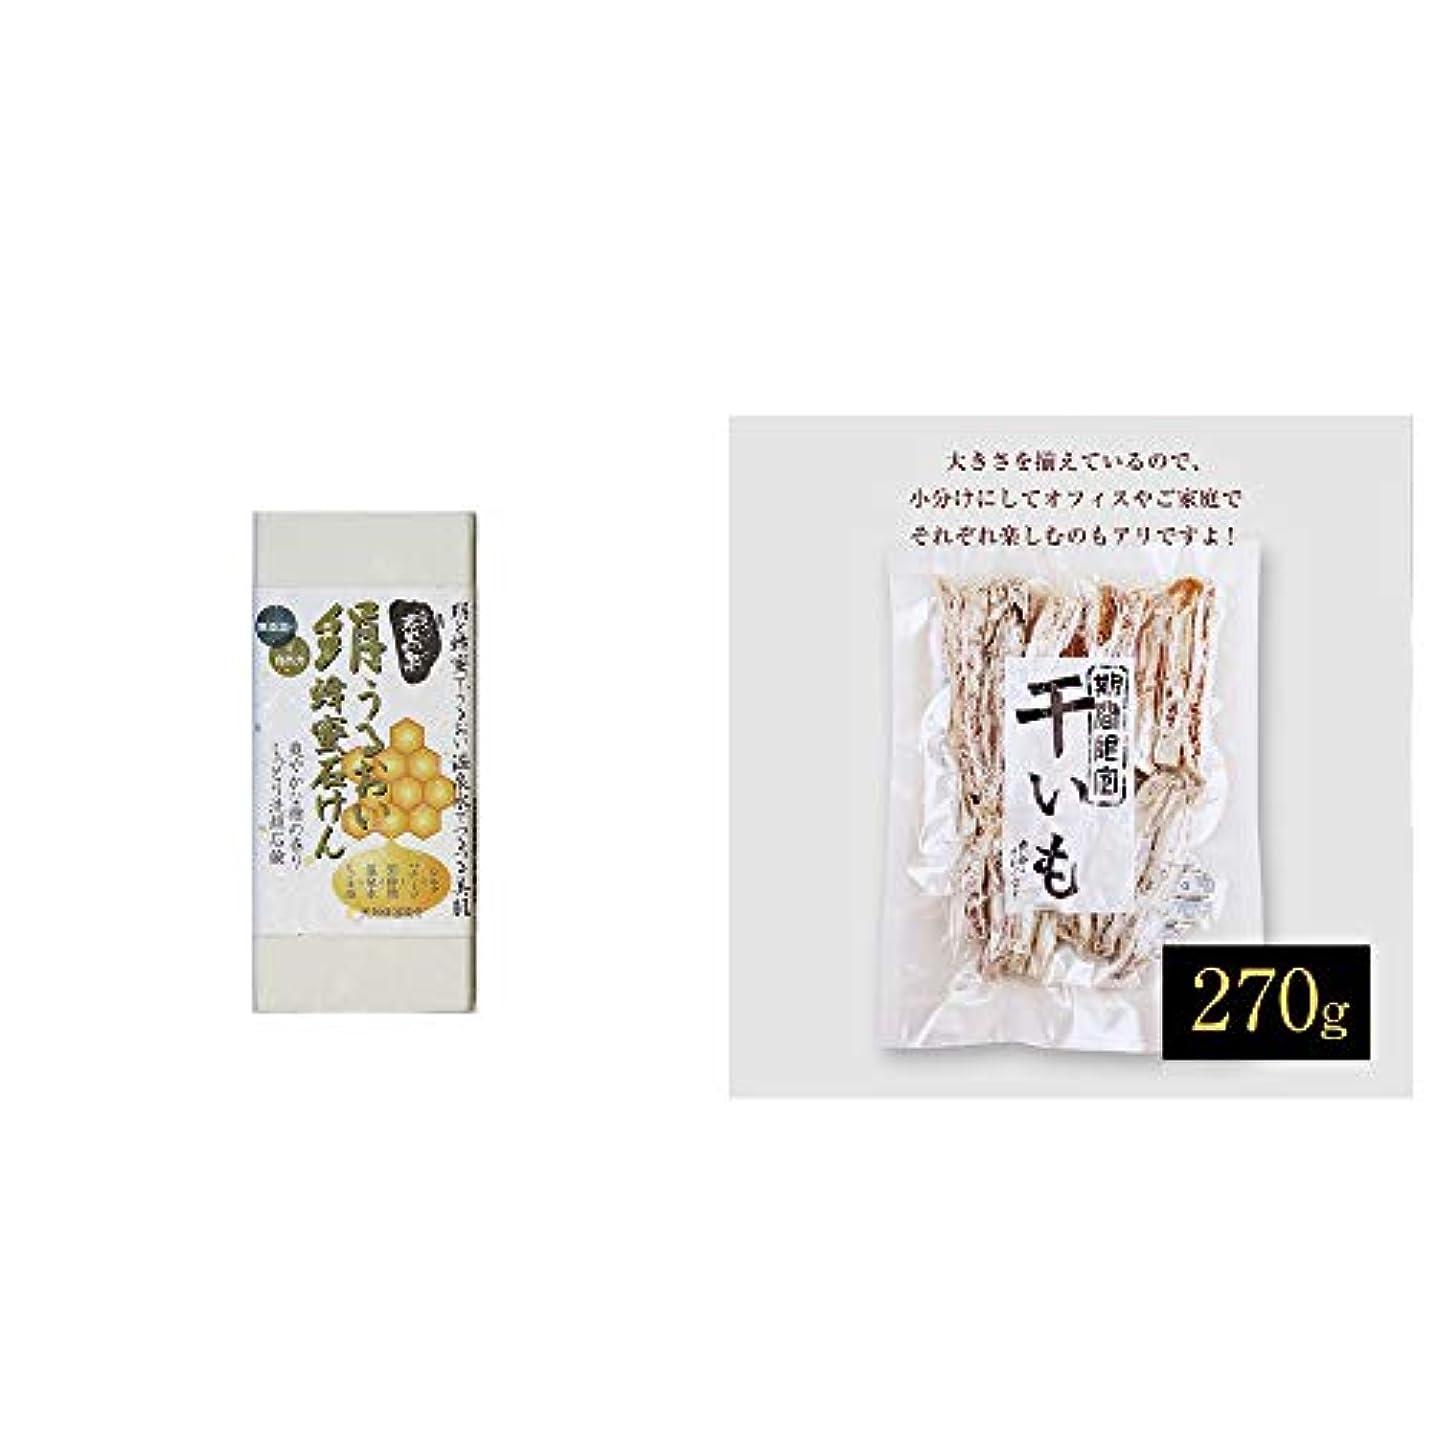 勧告公失われた[2点セット] ひのき炭黒泉 絹うるおい蜂蜜石けん(75g×2)?干いも(270g)